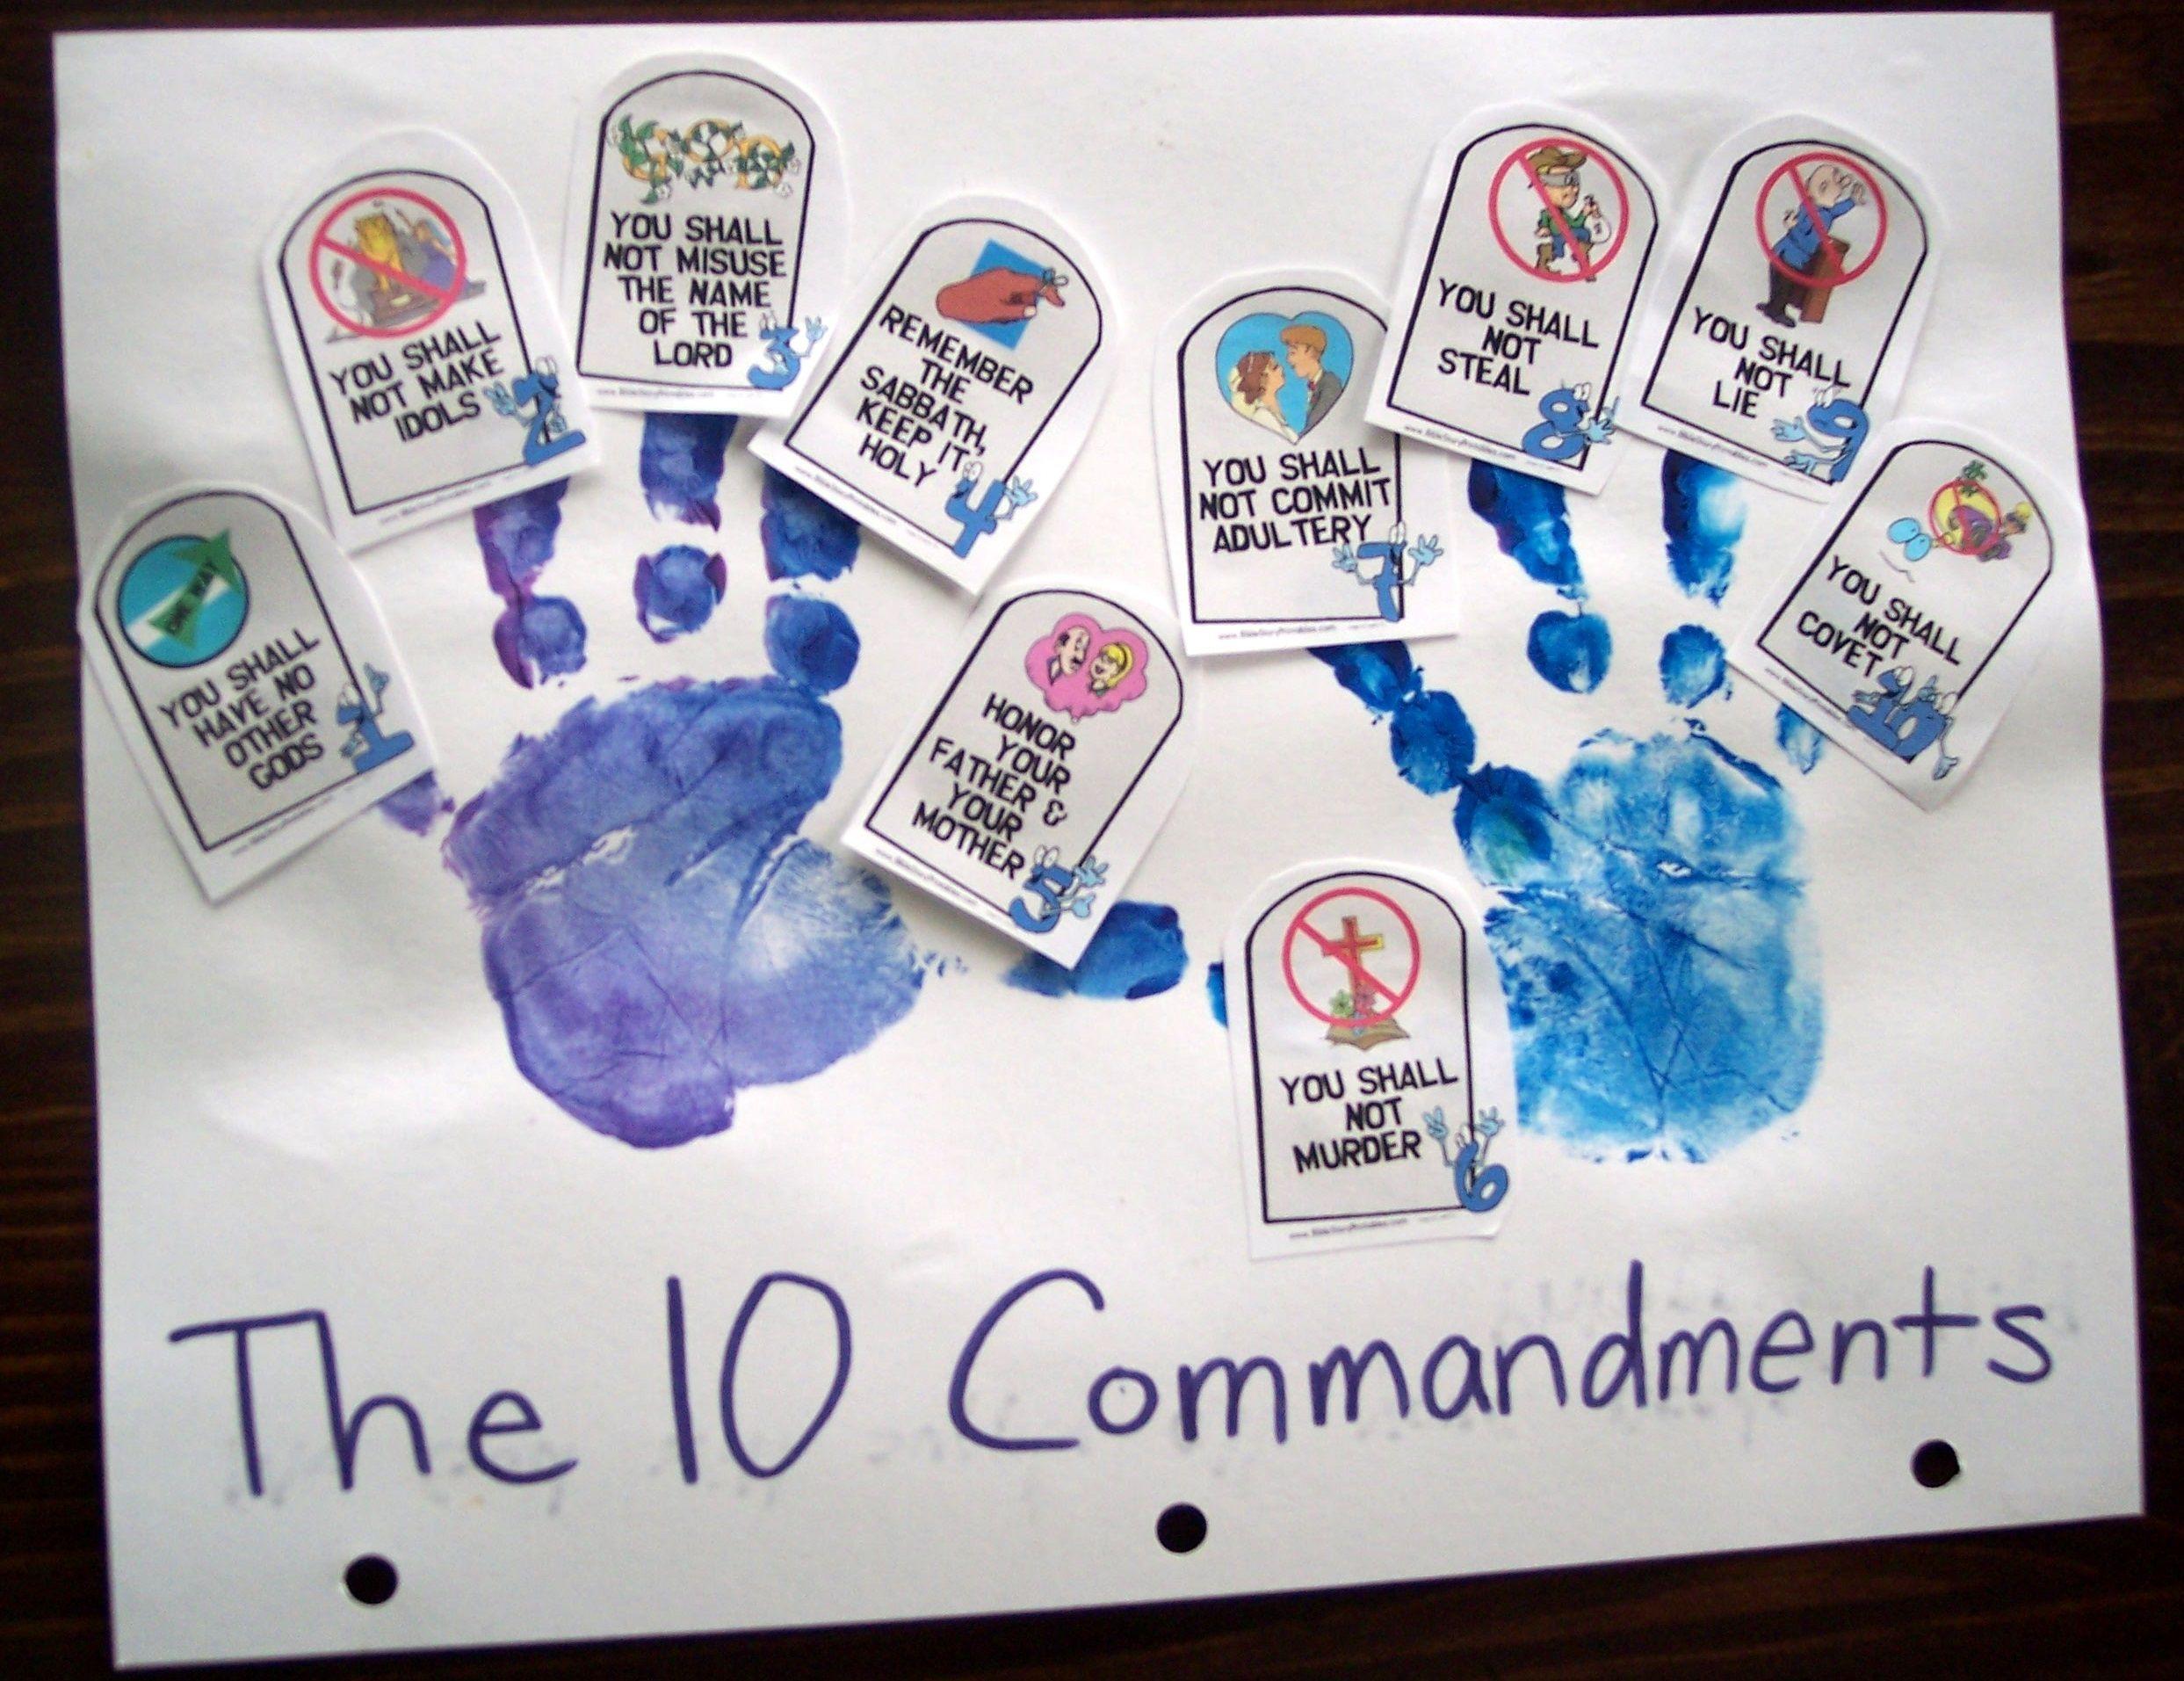 train up a child 10 commandments pt 2 bible 10 commandments